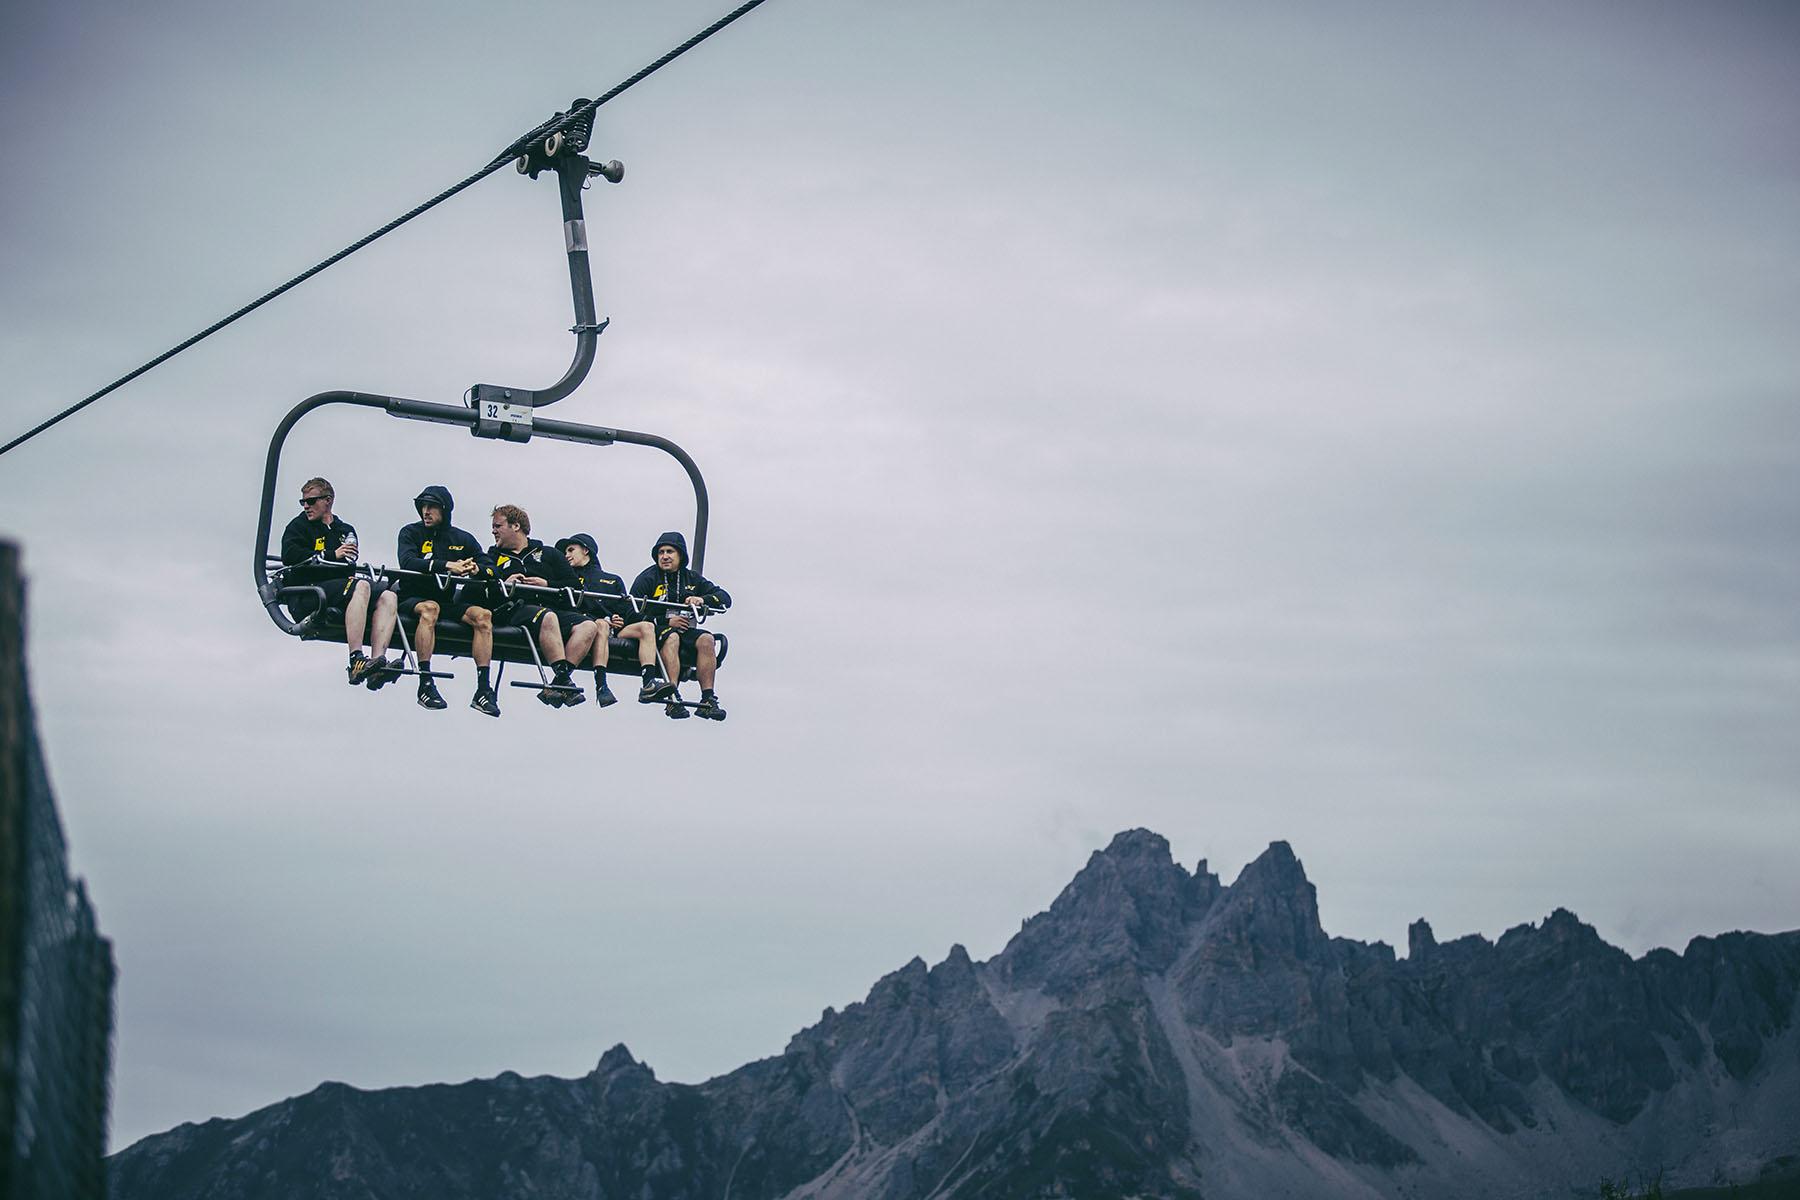 Das Abenteuer beginnt mit einer schnellen LIftfahrt zum Gipfel! In jeder Blickrichtung liegt ein wunderschönes Alpenpanorama, so dass man gar nicht weiß, wohin man zuerst schauen soll.